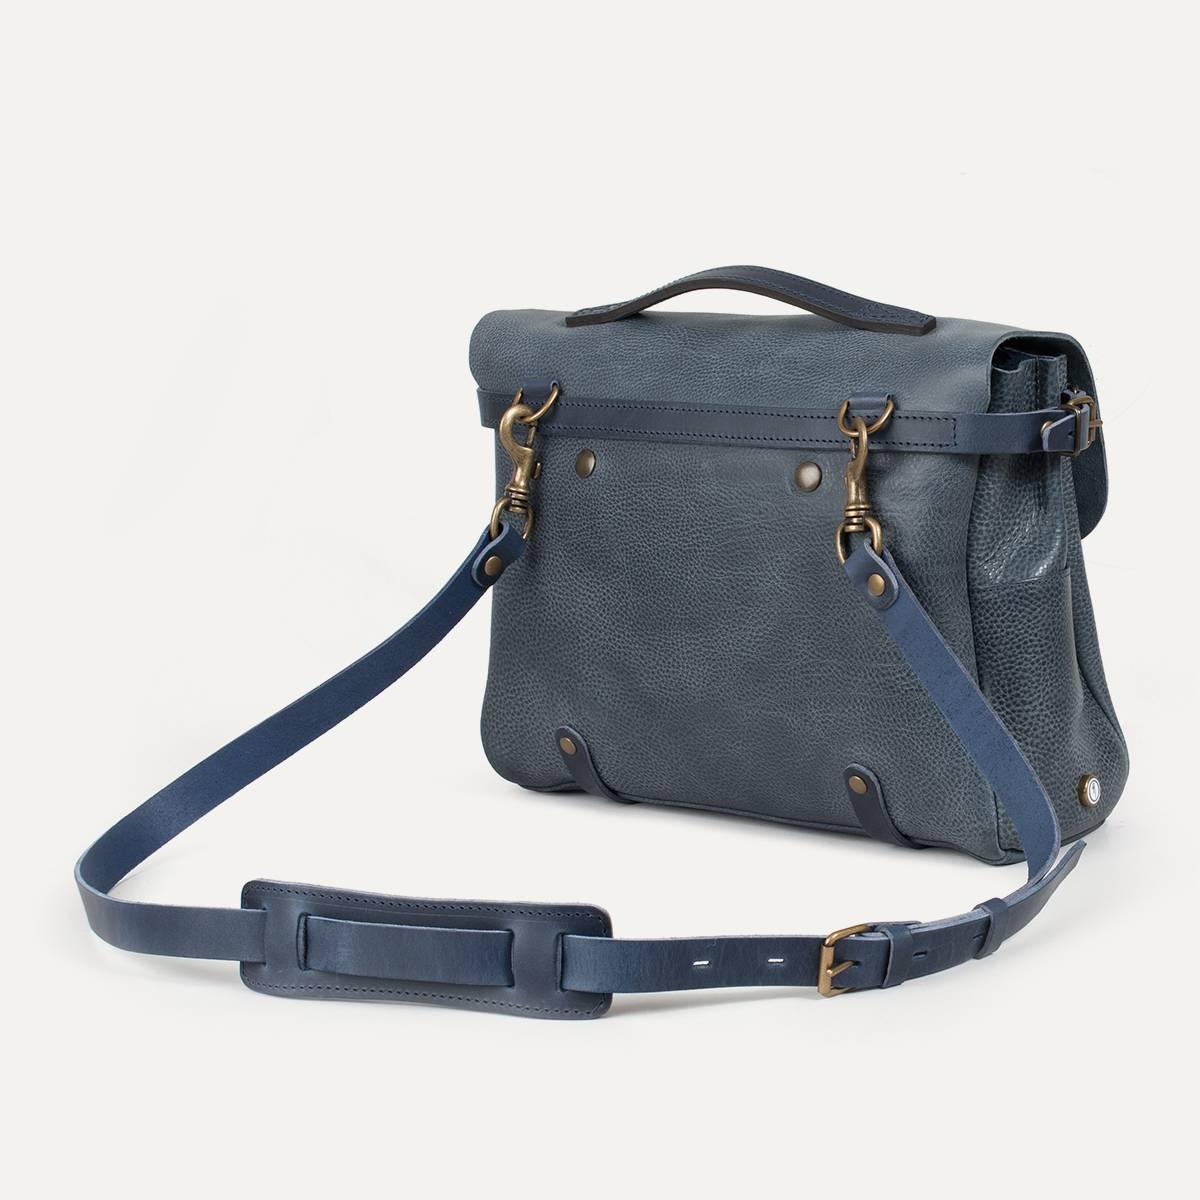 Postman bag Éclair M. Indigo 621e1b4b5e0fc